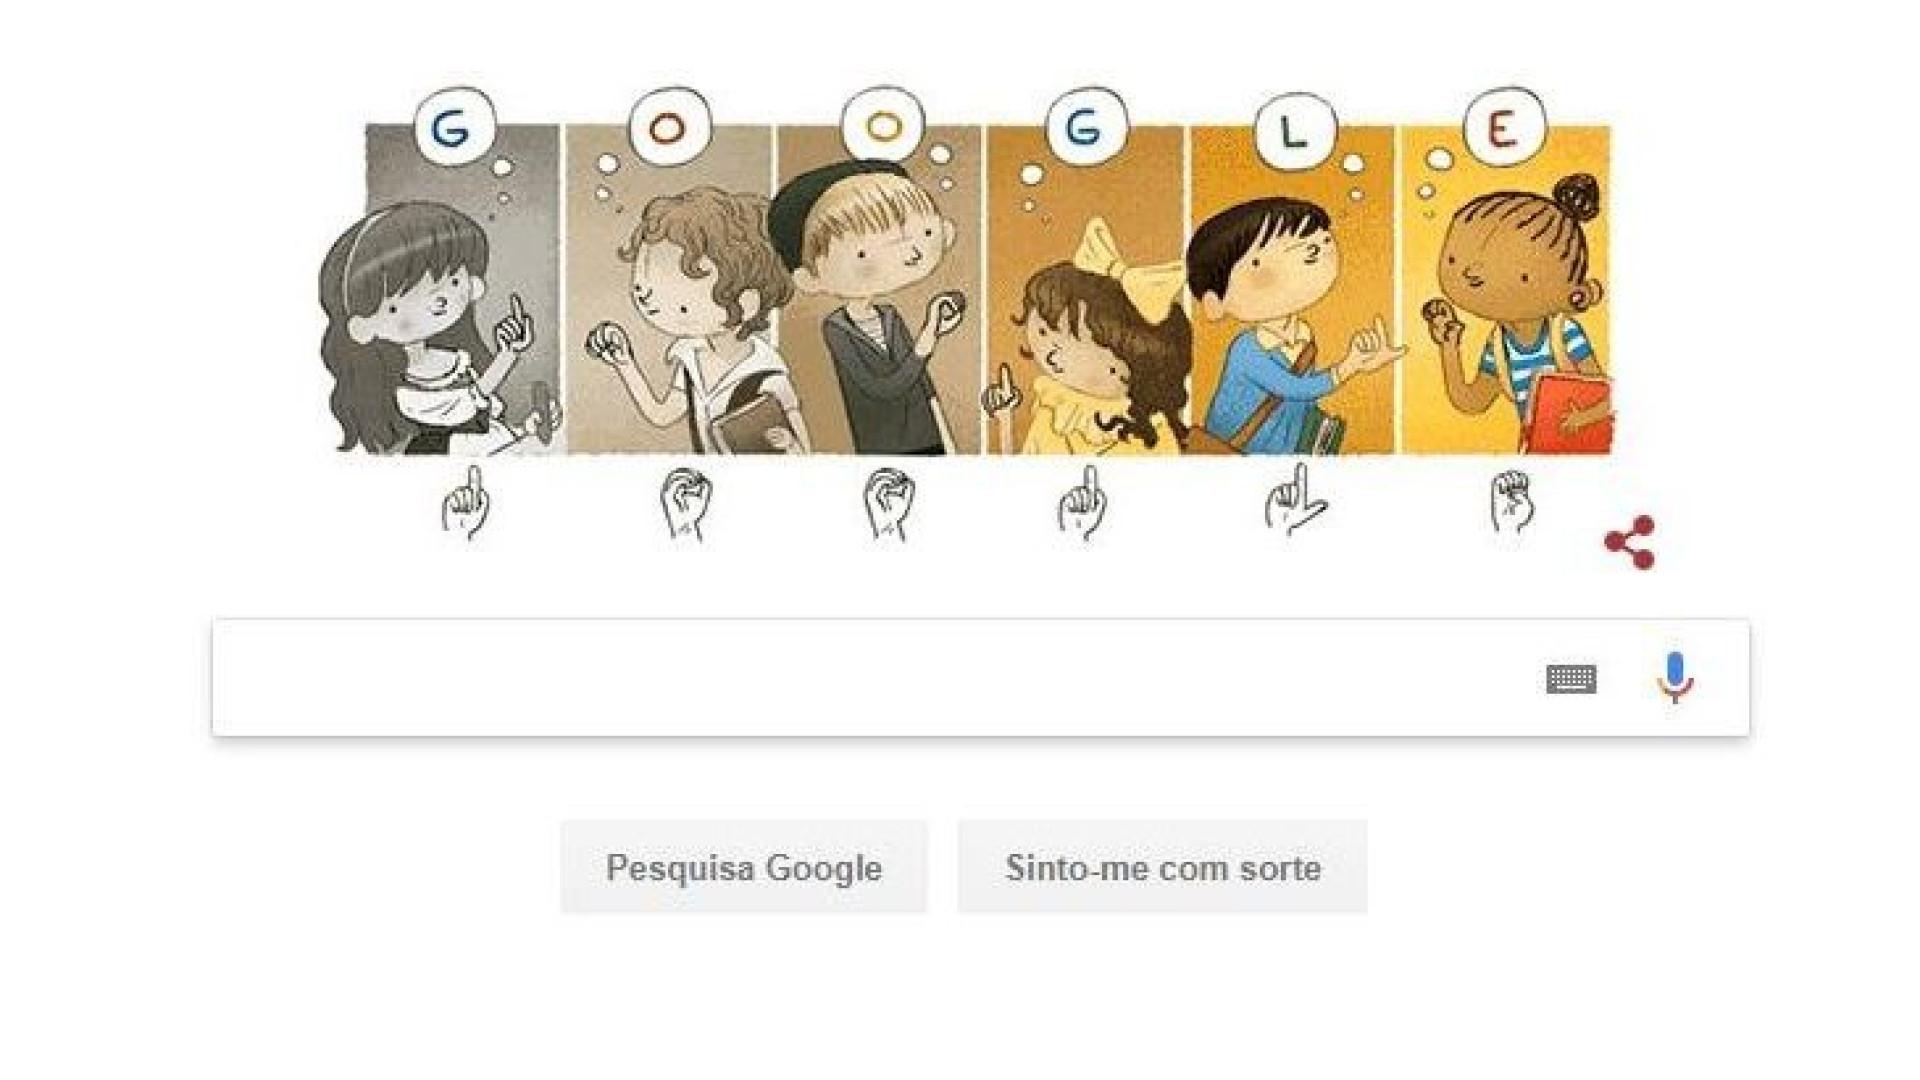 Google homenageia o pioneiro em educação de surdos